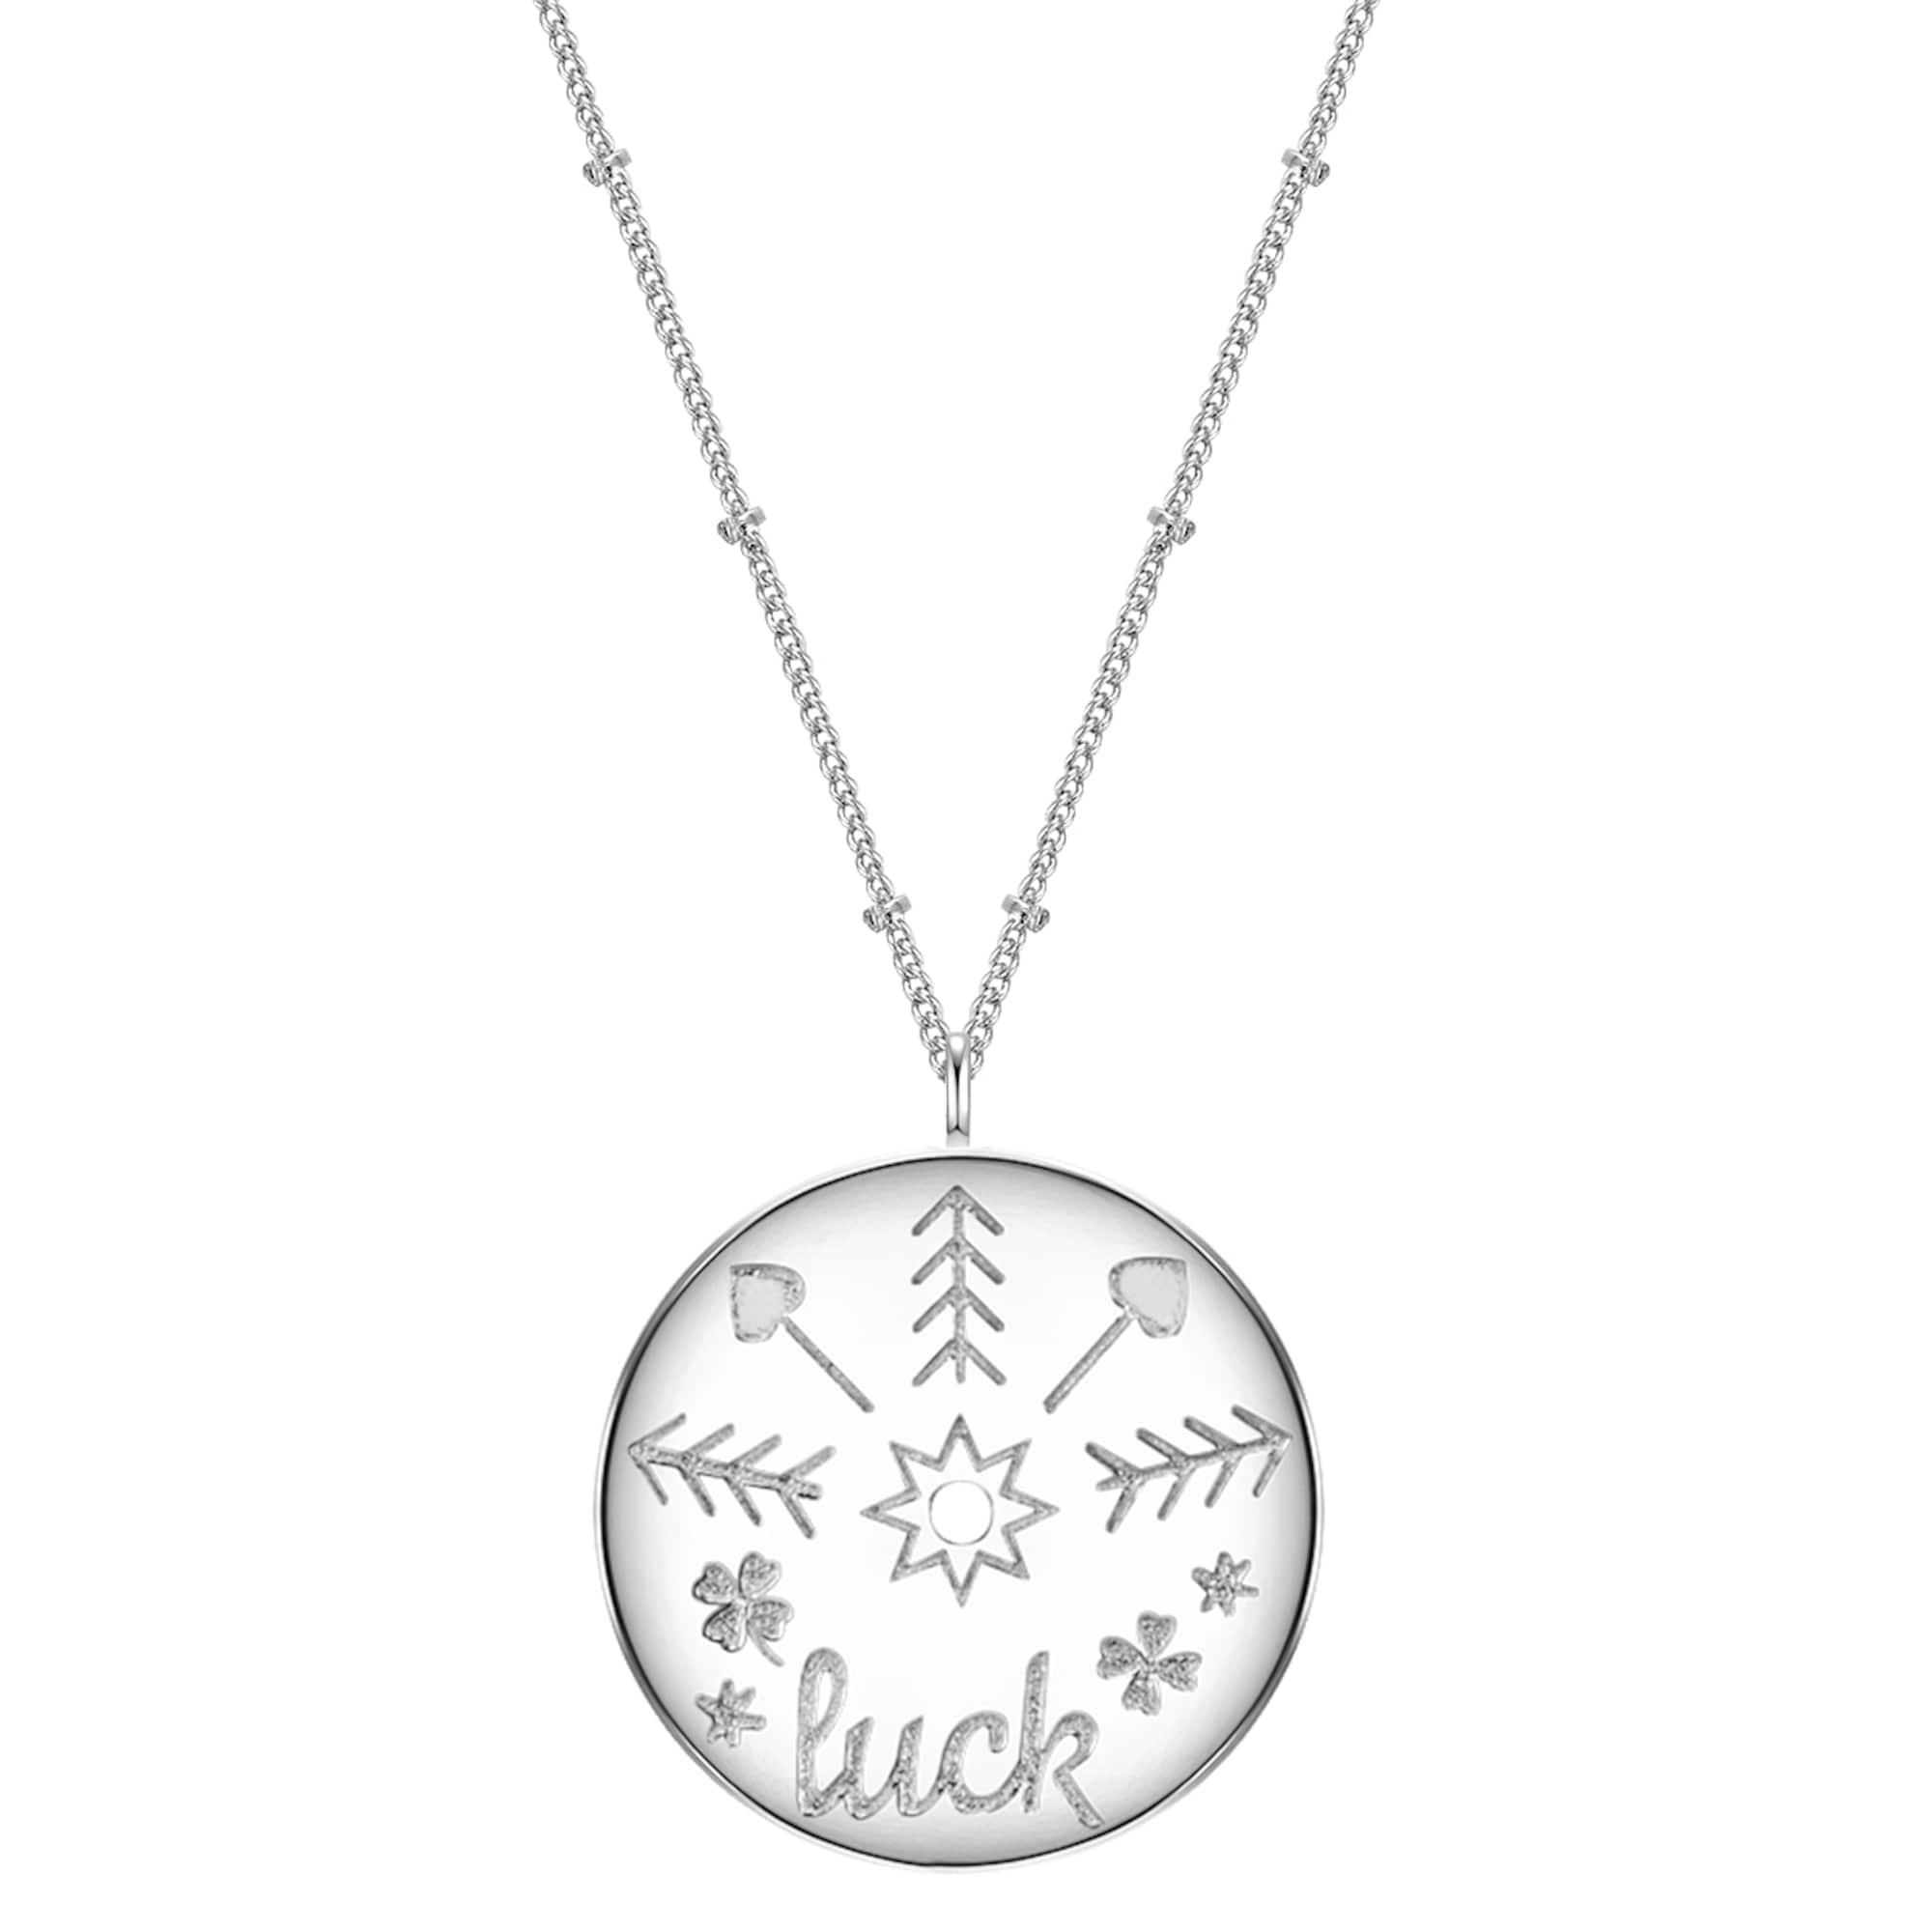 Halskette | Schmuck > Halsketten > Lange Ketten | Silber | Glanzstücke München